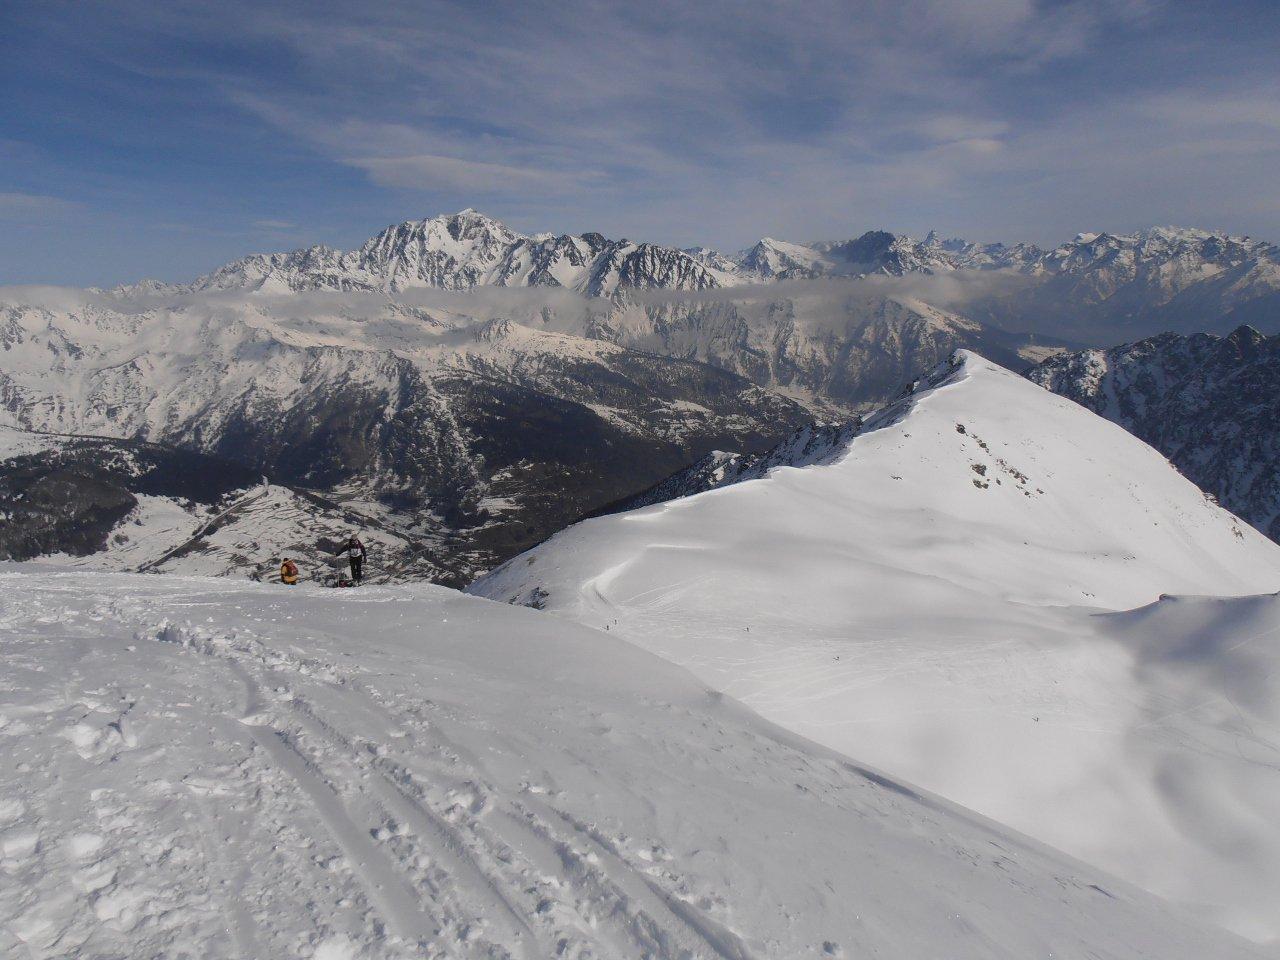 04 - arrivati in cima, sguardo verso Mont Velan dietro e Testa Cordella in primo piano